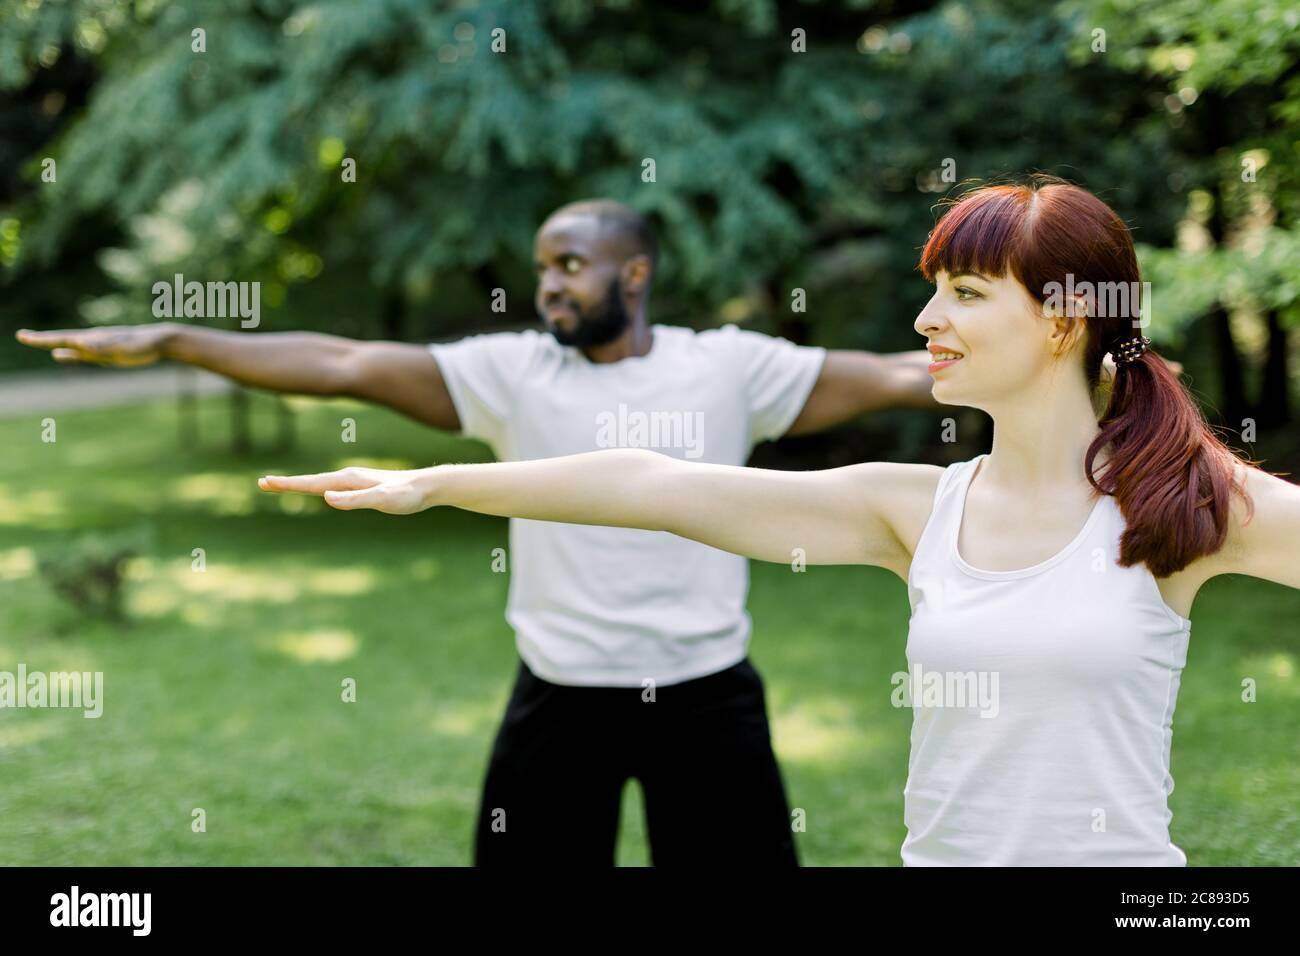 Concepto de un estilo de vida familiar saludable y yoga en el parque. Jóvenes parejas multiétnicas ejercitando al aire libre con los brazos estirados, mirando hacia adelante. Céntrese en Foto de stock